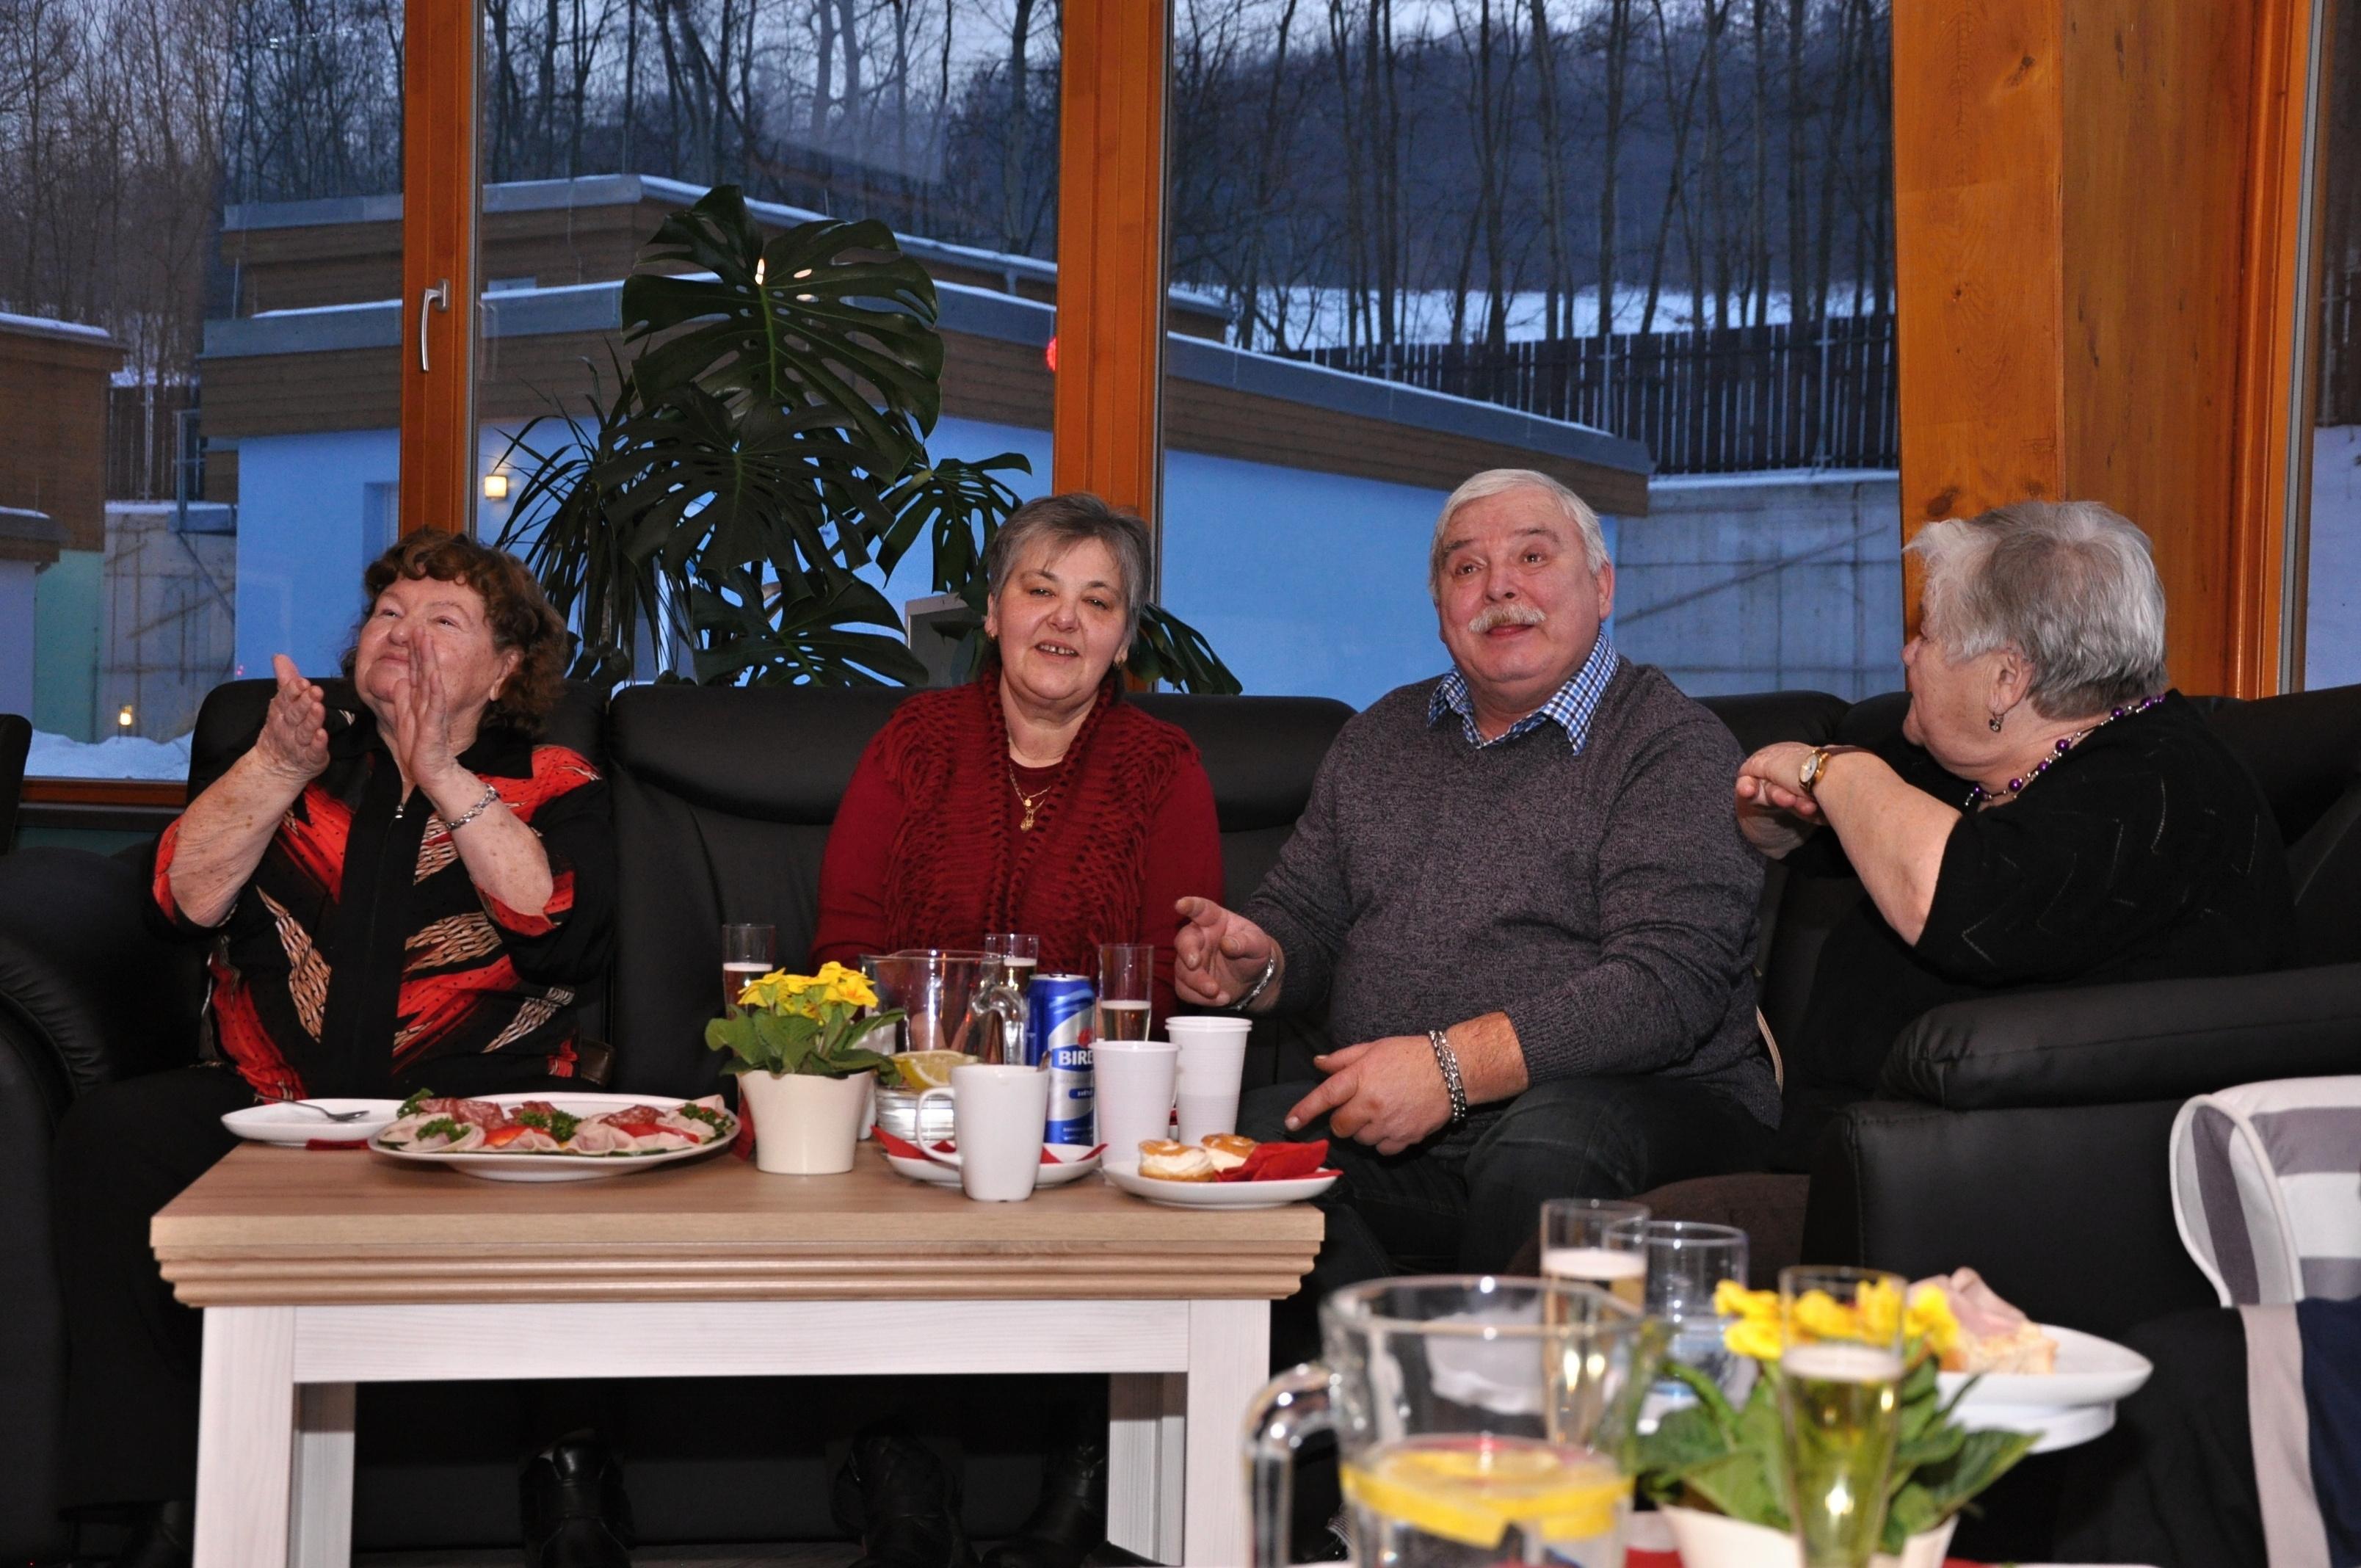 Petr_Průša_Photo176